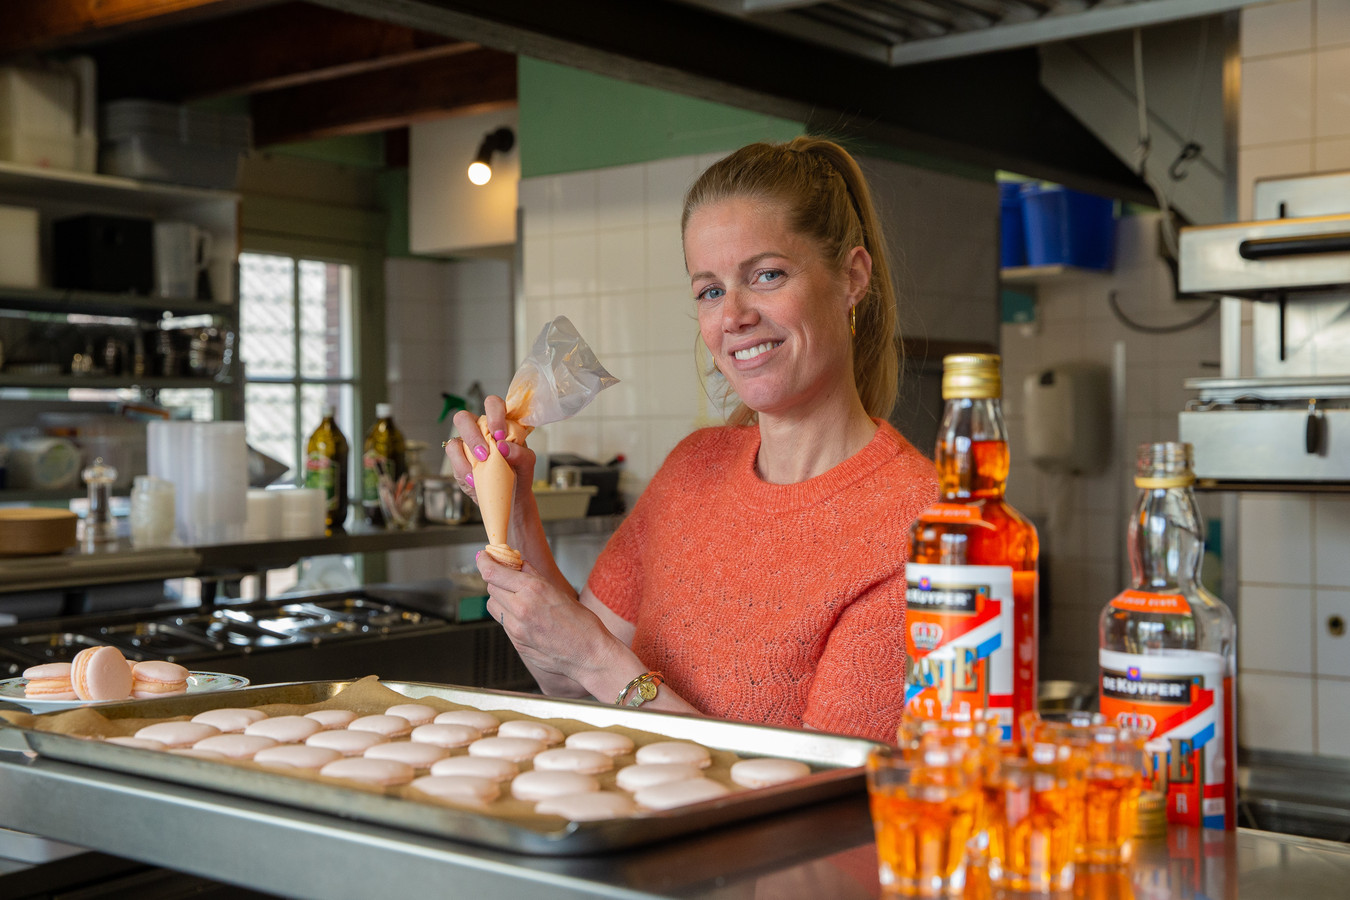 Mede-eigenaar Eva Wolvenne van Café Verheyden bezig met het maken van oranje macarons in de aanloop naar Koningsdag.